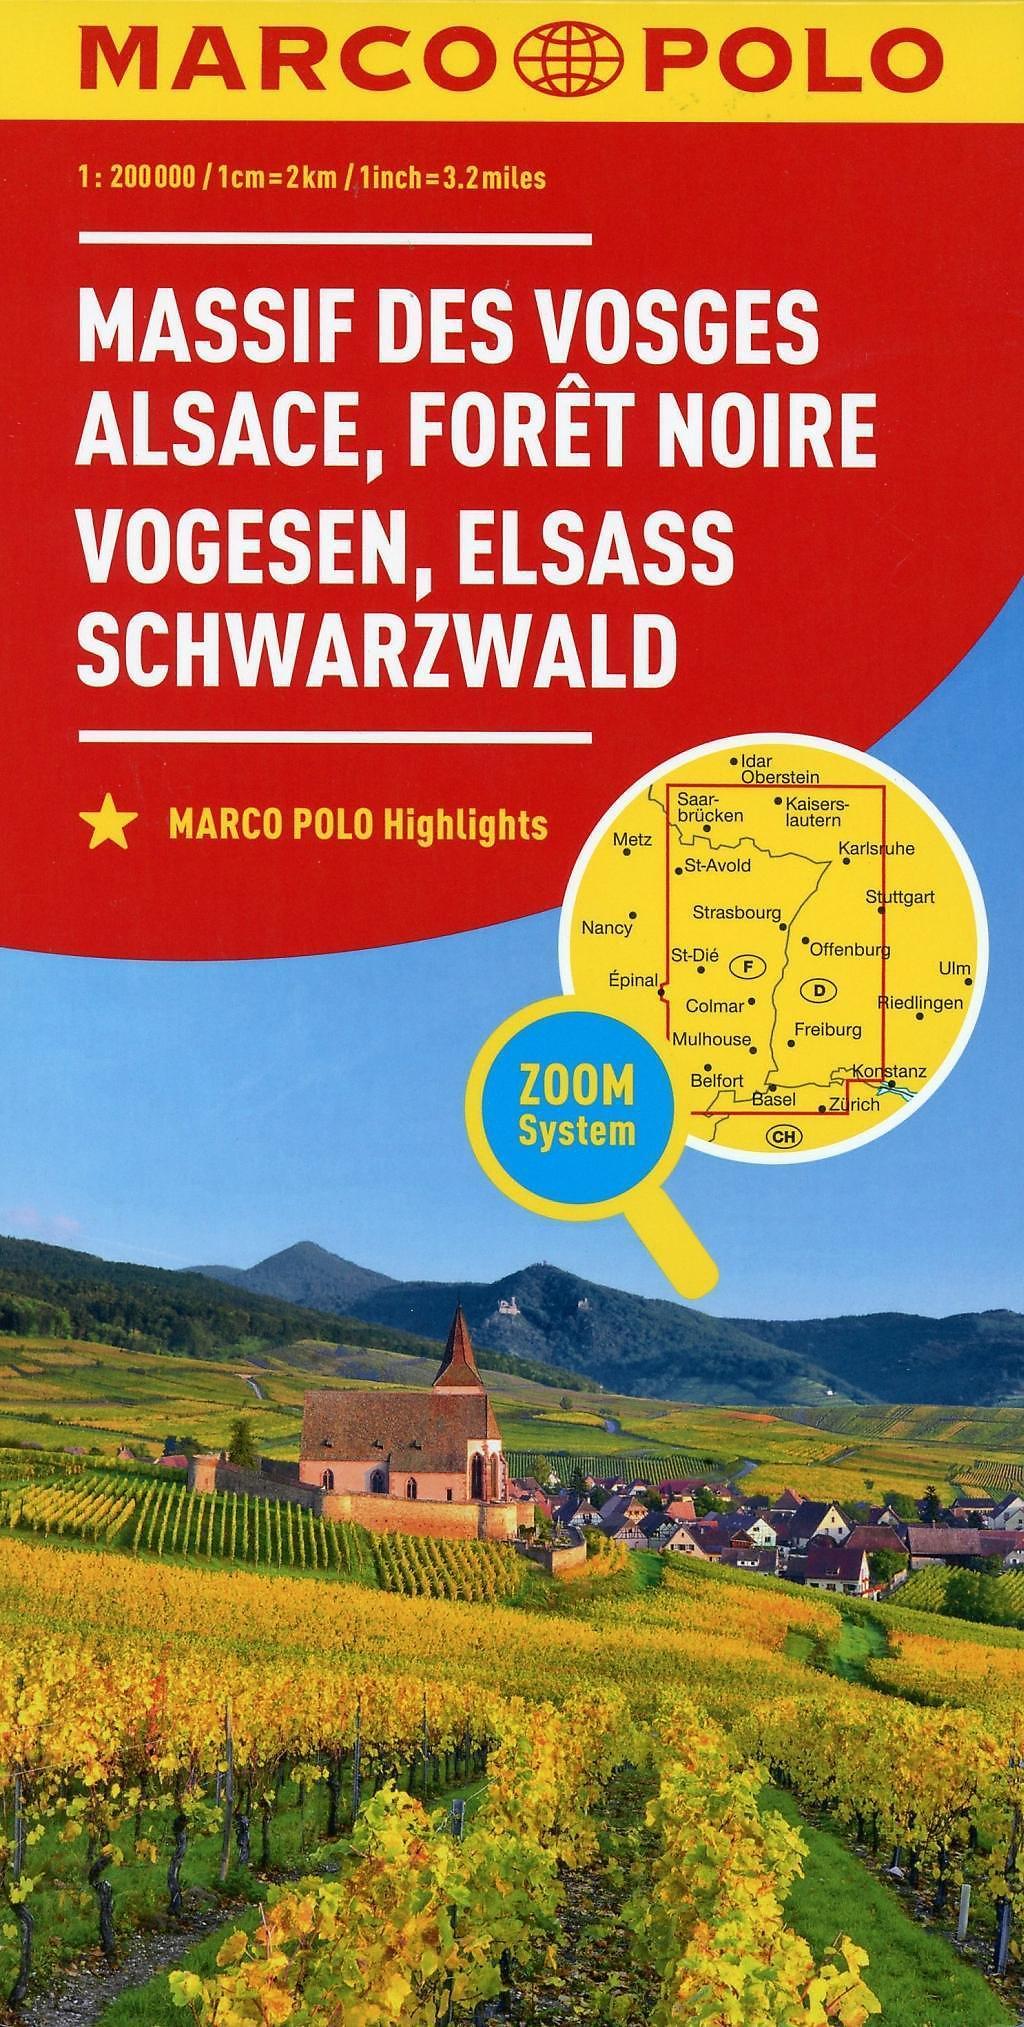 Elsass Karte Frankreich.Marco Polo Karte Frankreich Vogesen Elsass Schwarzwald 1